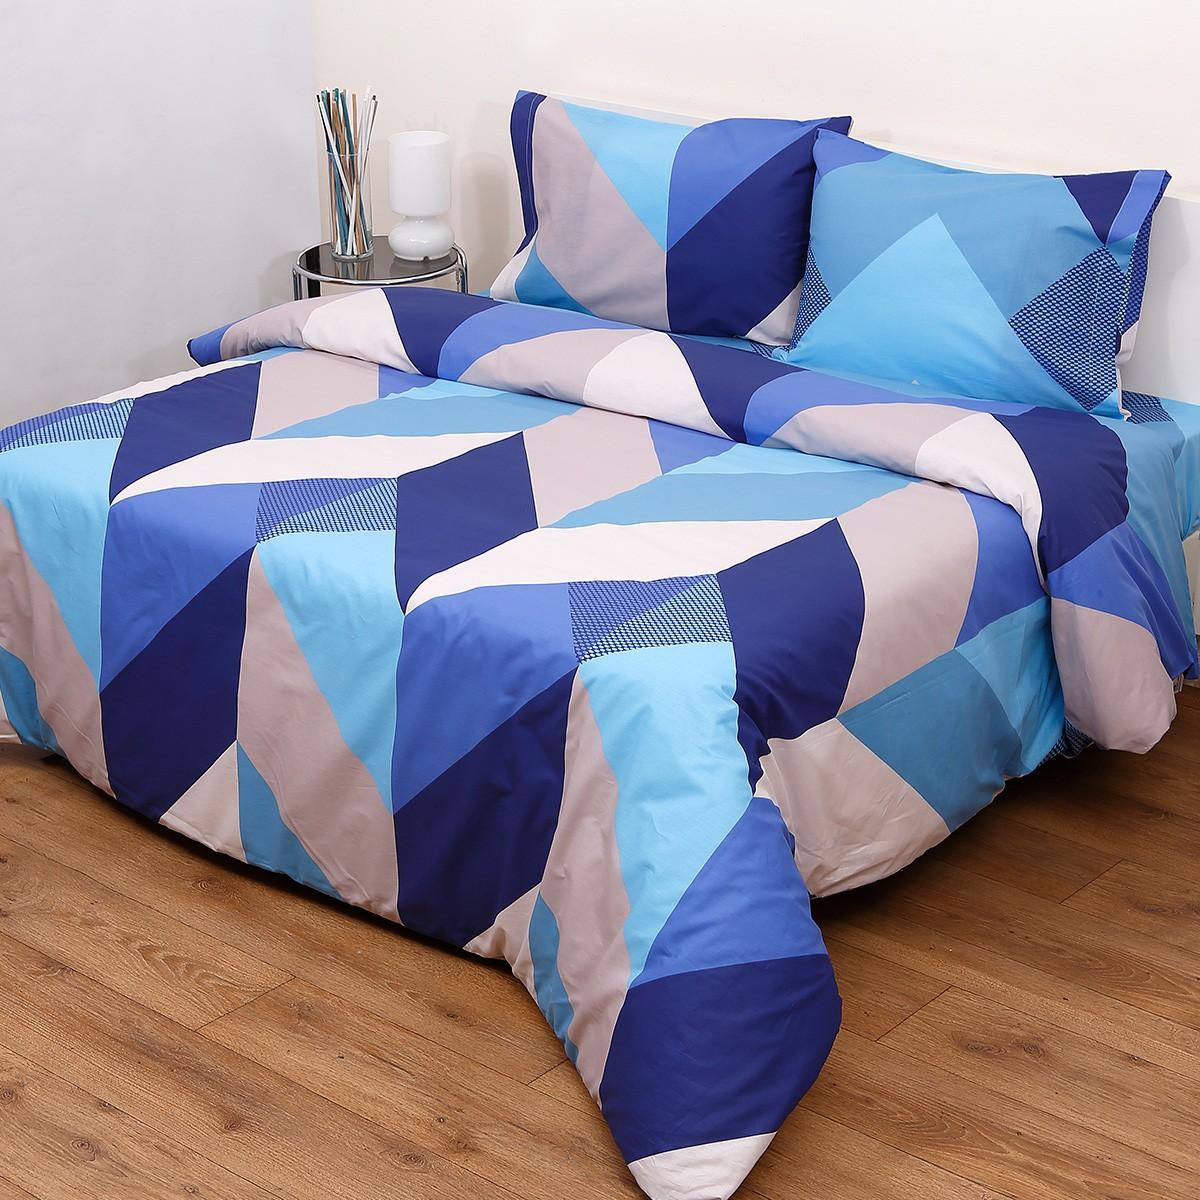 Πάπλωμα Ημίδιπλο (Σετ) Viopros Fresh Ένζο Μπλε